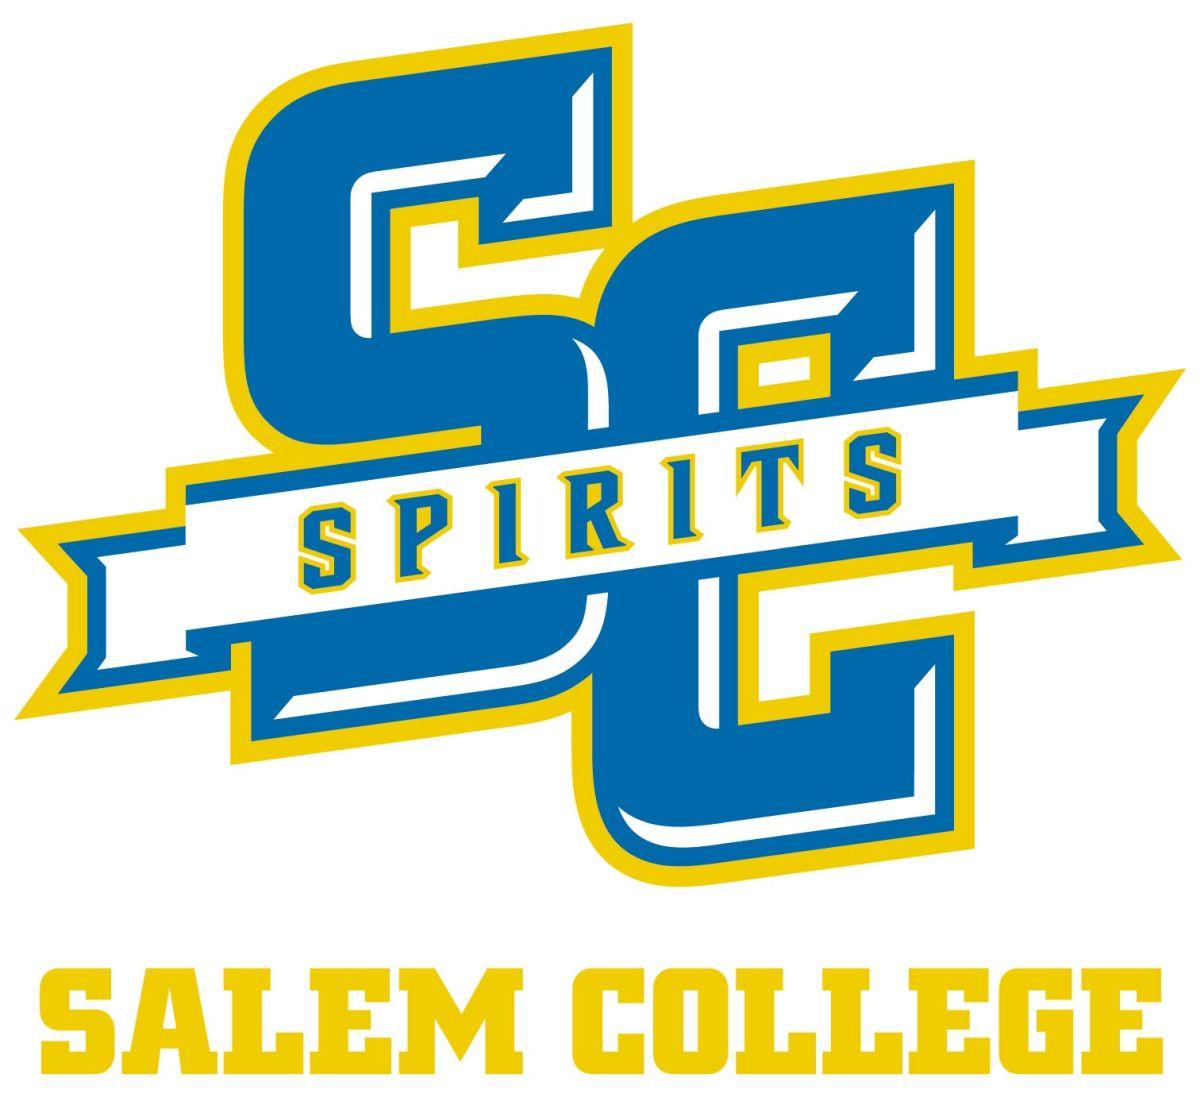 SC Spirits logo